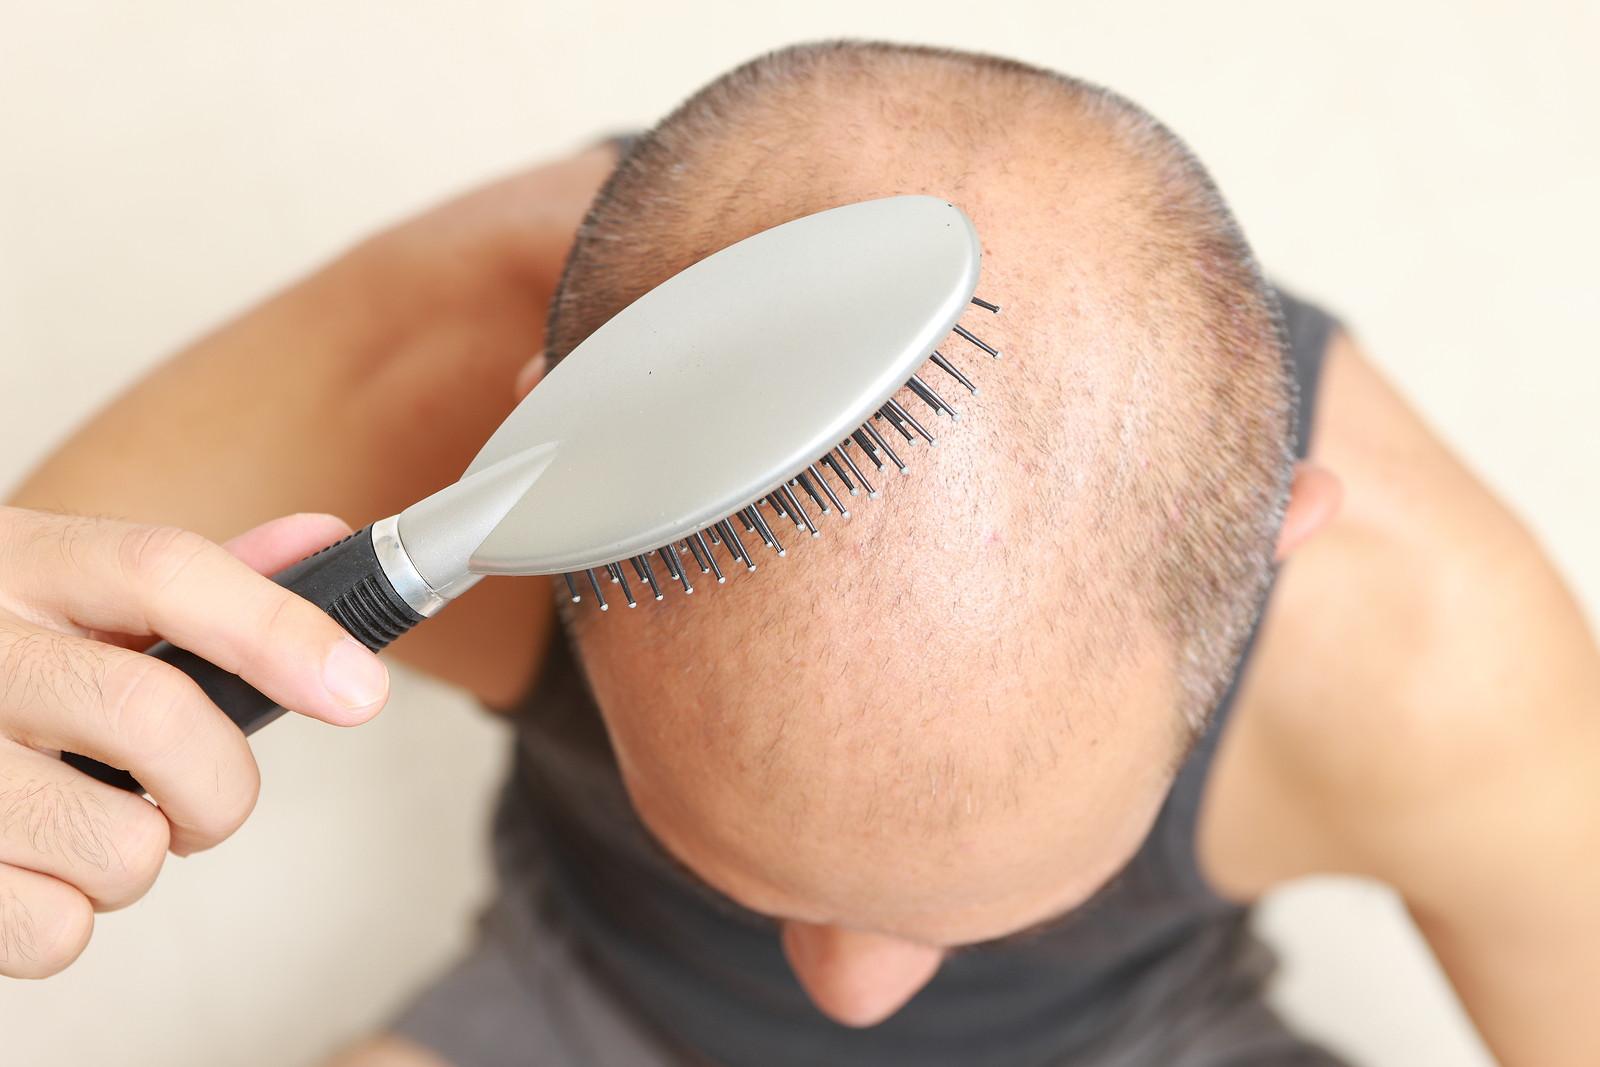 bal jadhana hair loss